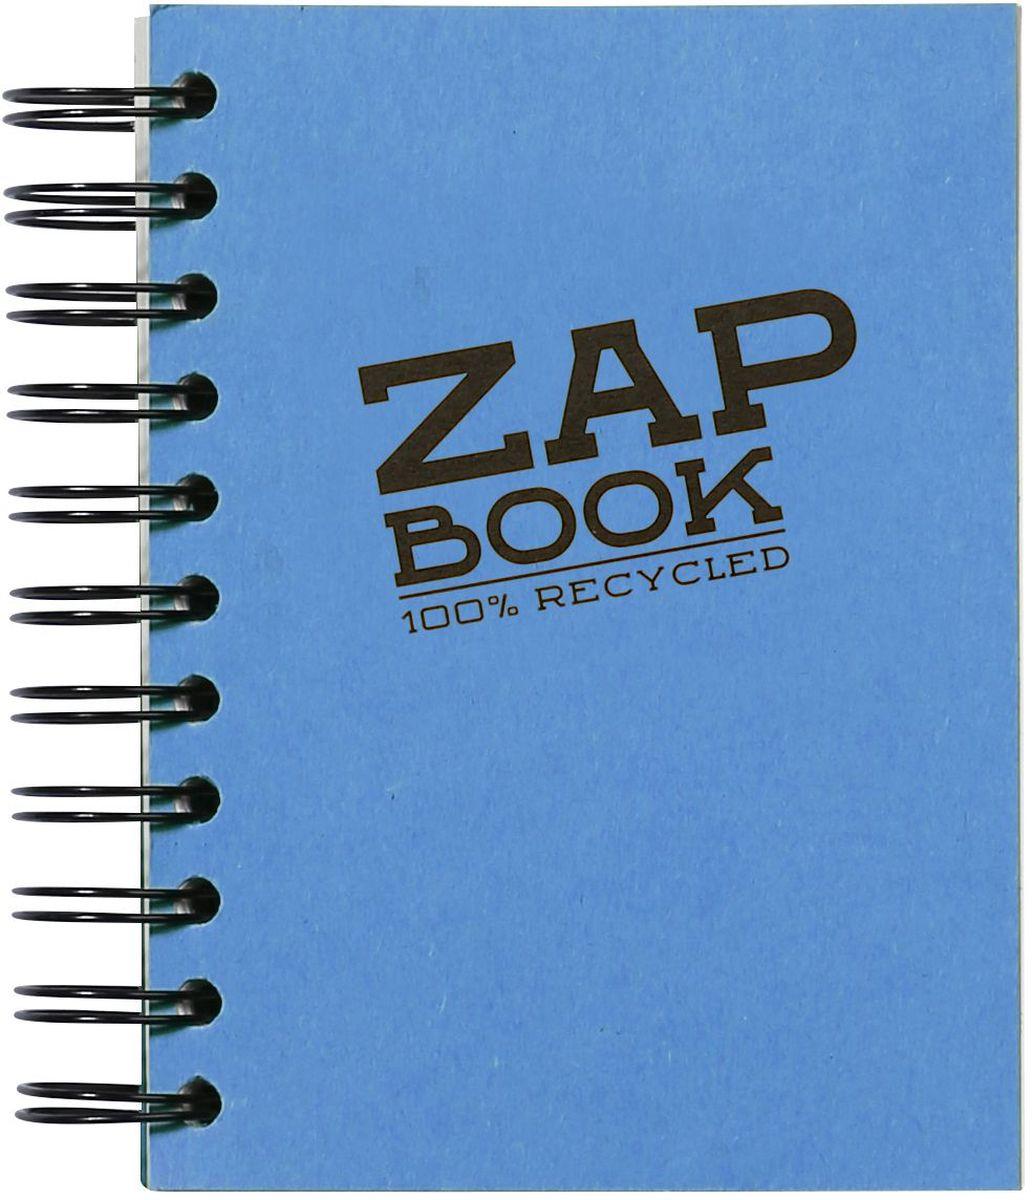 Блокнот Clairefontaine Zap Book, на спирали, цвет: синий, формат A6, 160 листов8353СОригинальный блокнот Clairefontaine идеально подойдет для памятных записей, любимых стихов, рисунков и многого другого. Плотная обложка предохраняет листы от порчи и замятия. Такой блокнот станет забавным и практичным подарком - он не затеряется среди бумаг, и долгое время будет вызывать улыбку окружающих.